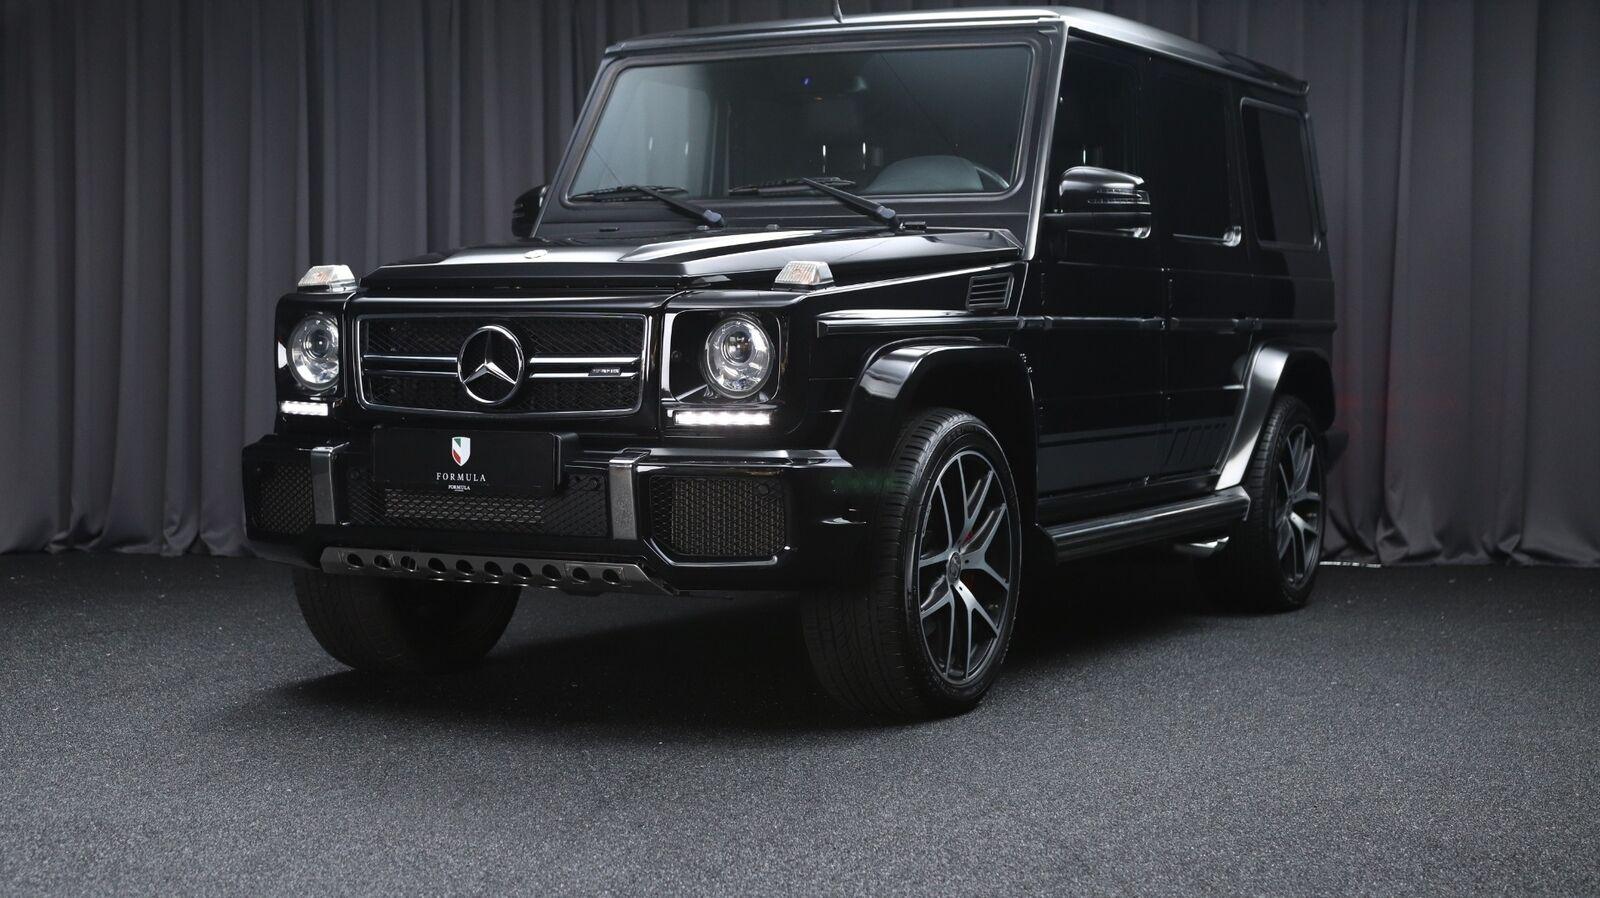 Mercedes G63 5,5 AMG aut. 5d - 13.500 kr.